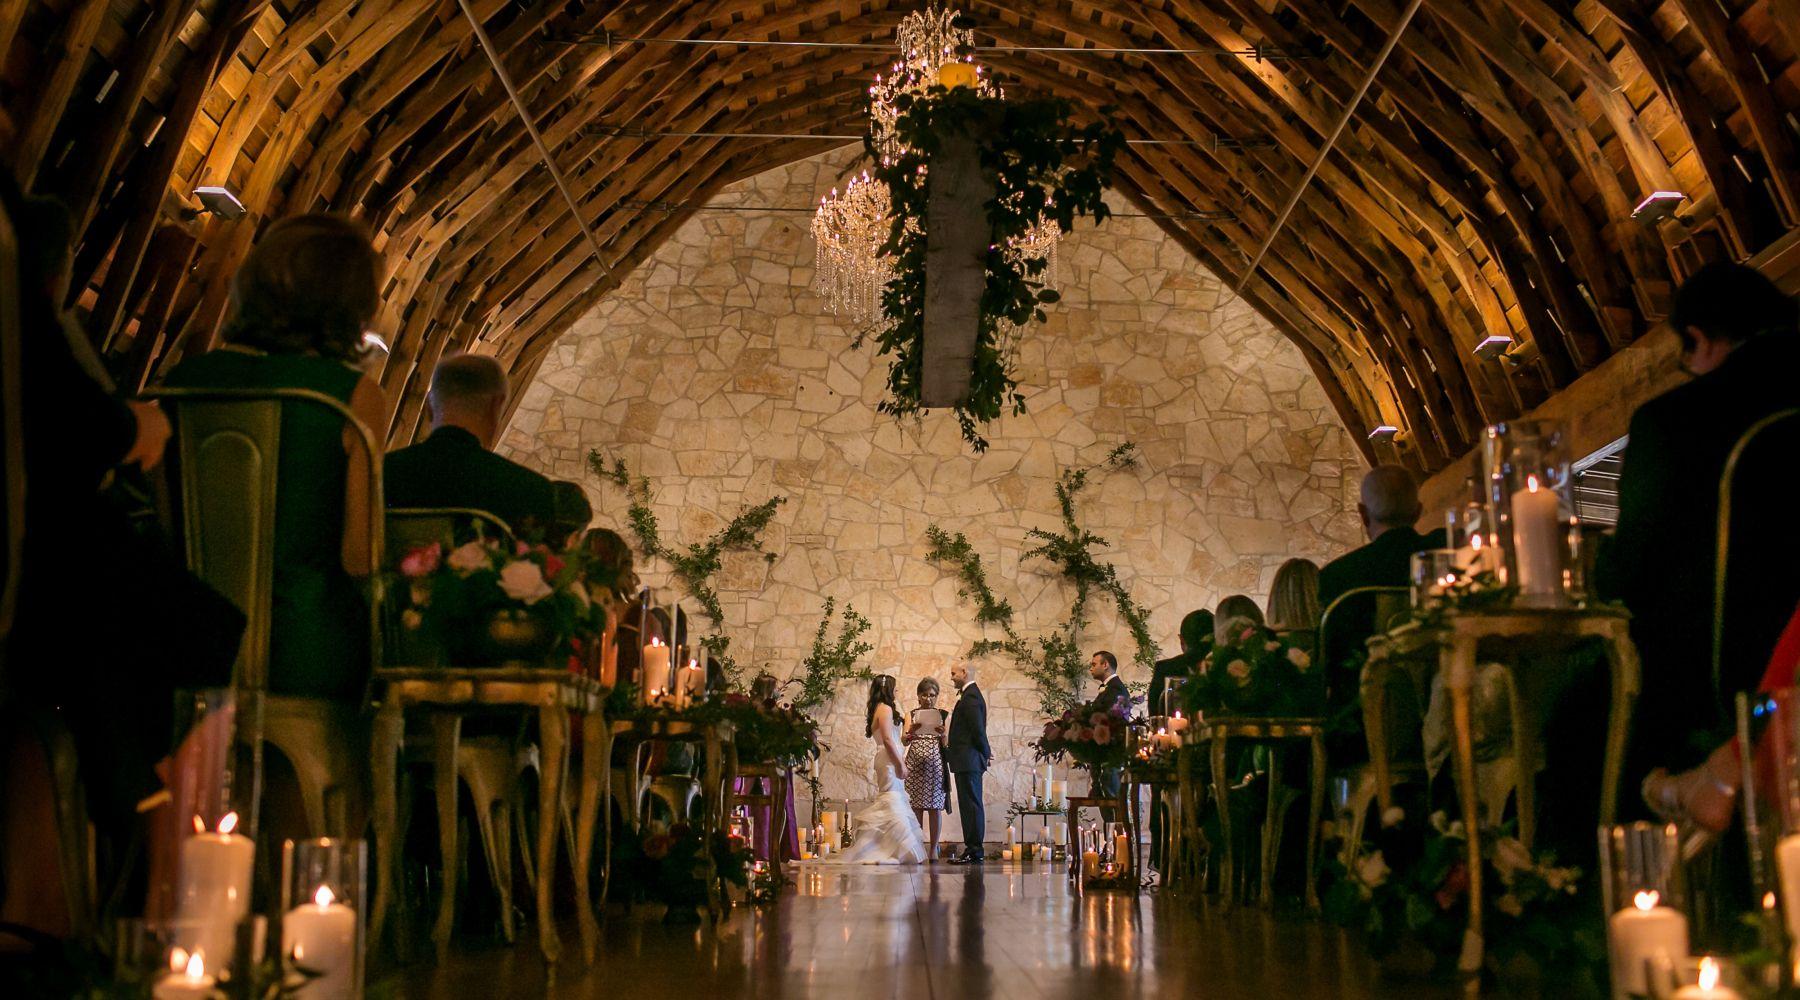 Austin Barn Wedding Venue Brodie Homestead Barn